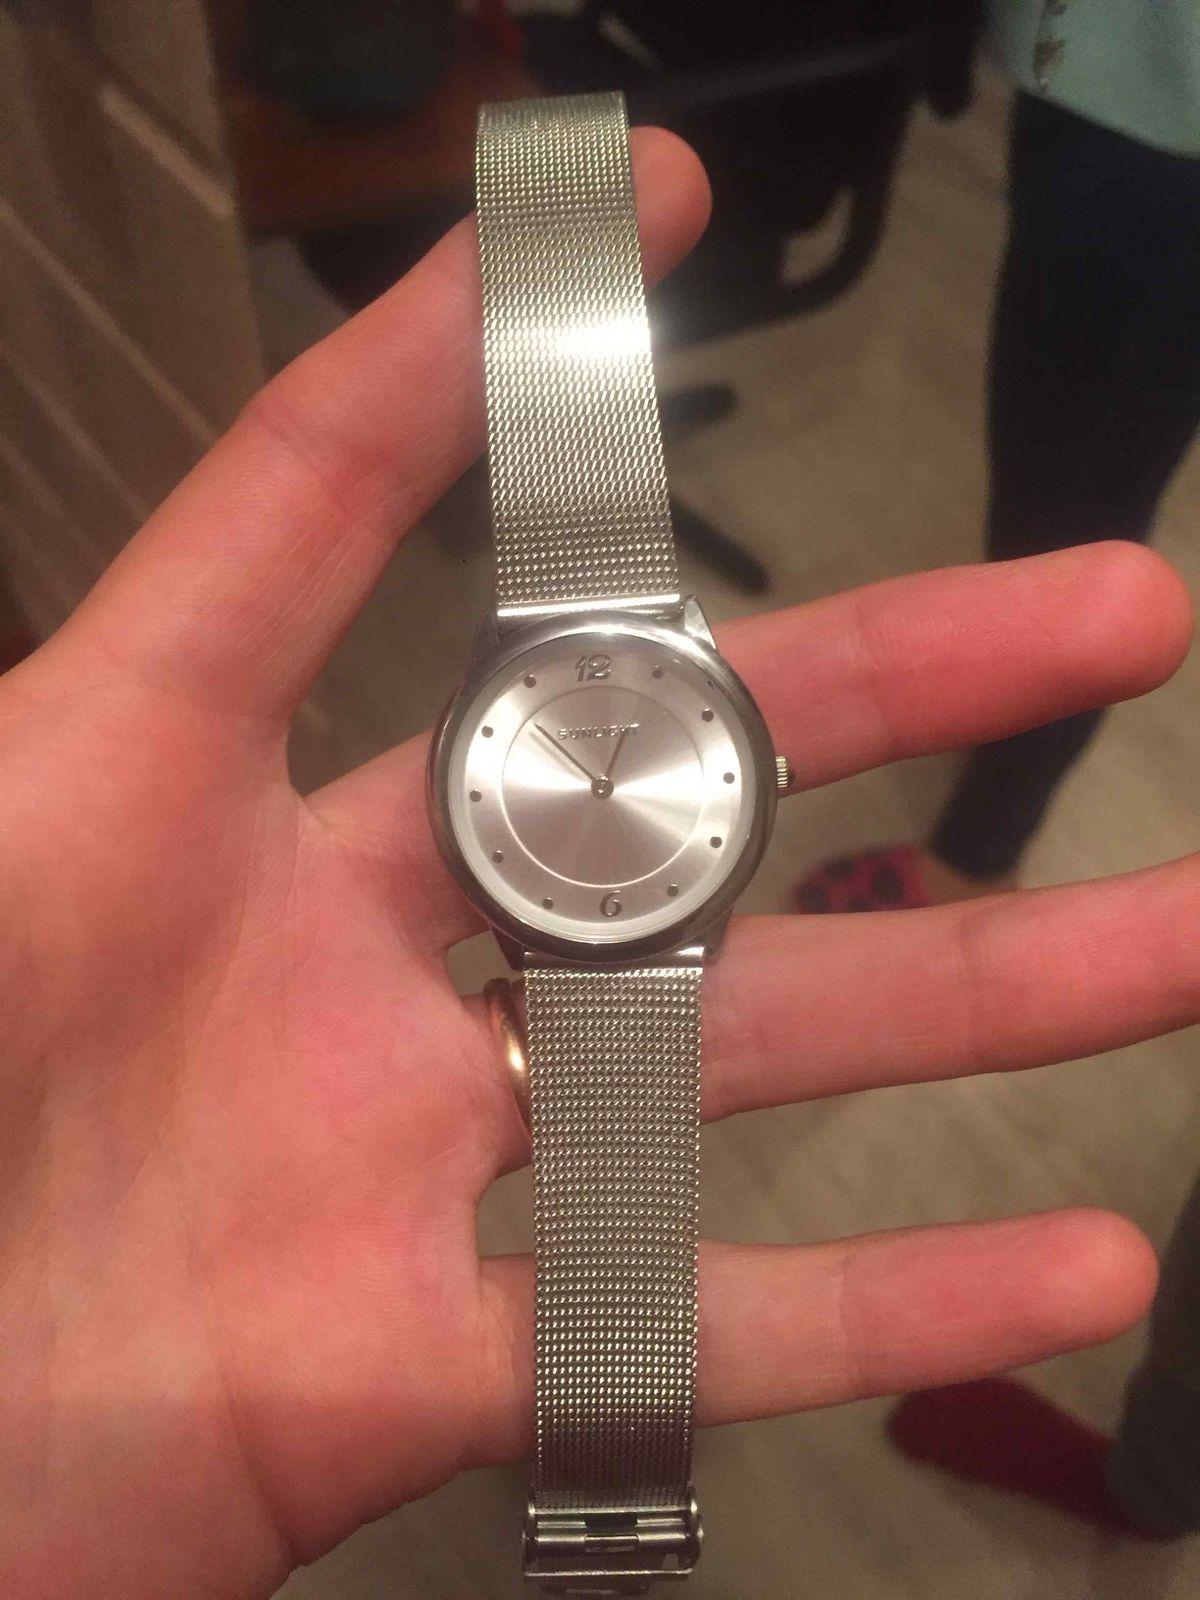 Классные часы, скромные, красивые,аккуратненькие и под все подойдут🖤 крутые